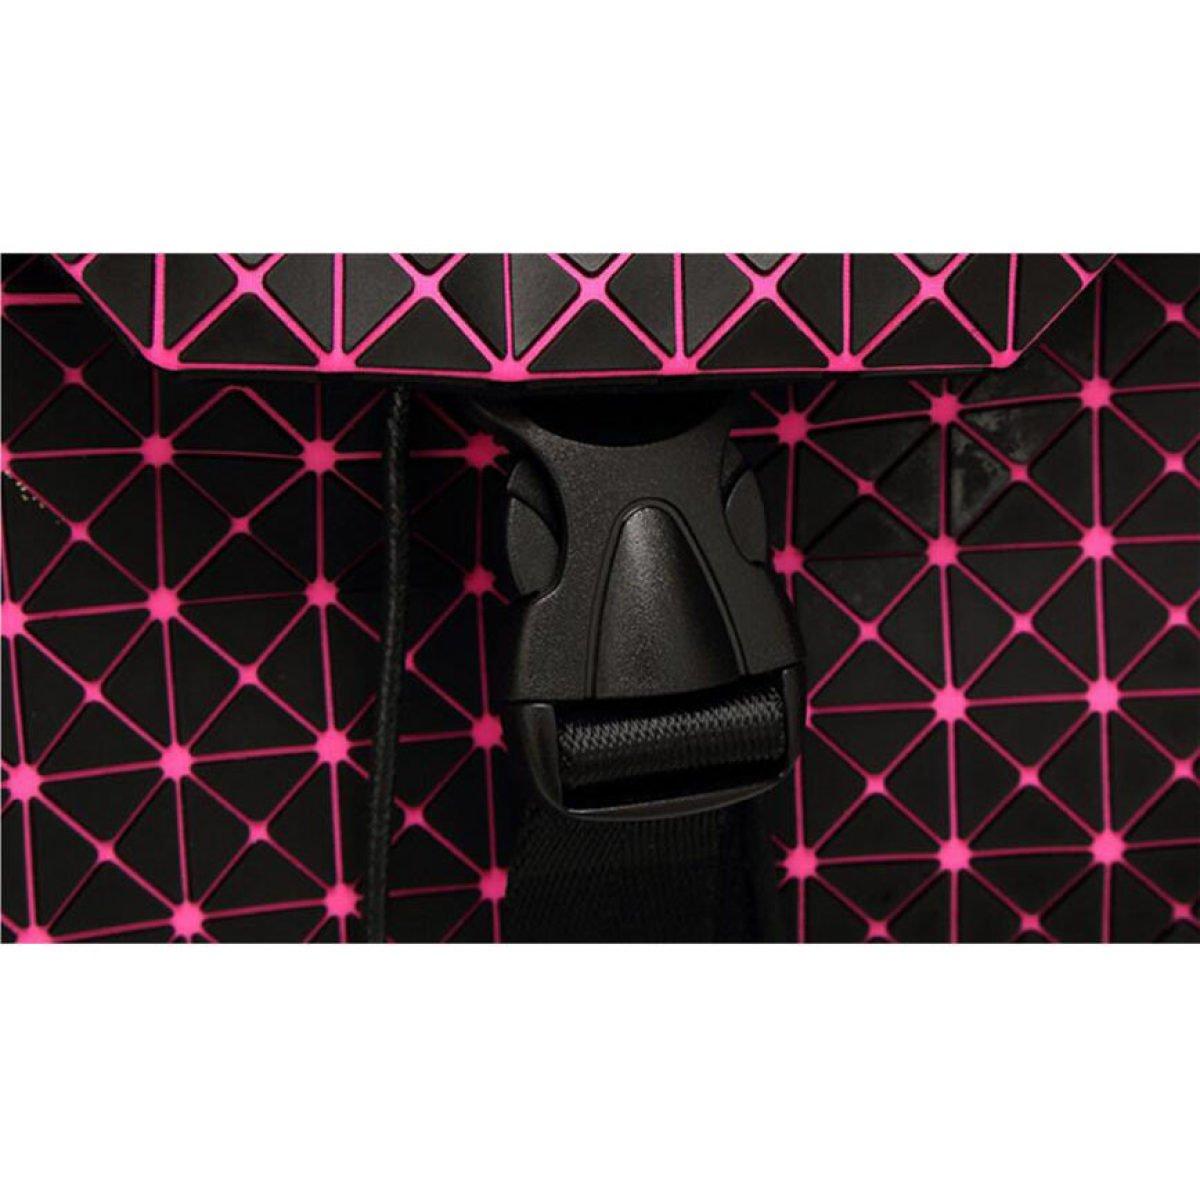 ADEFG Damen Umhängetaschen Geometry Fold Reiserucksack B077HL4Z4W Henkeltaschen Modernes Modernes Modernes Design be7332